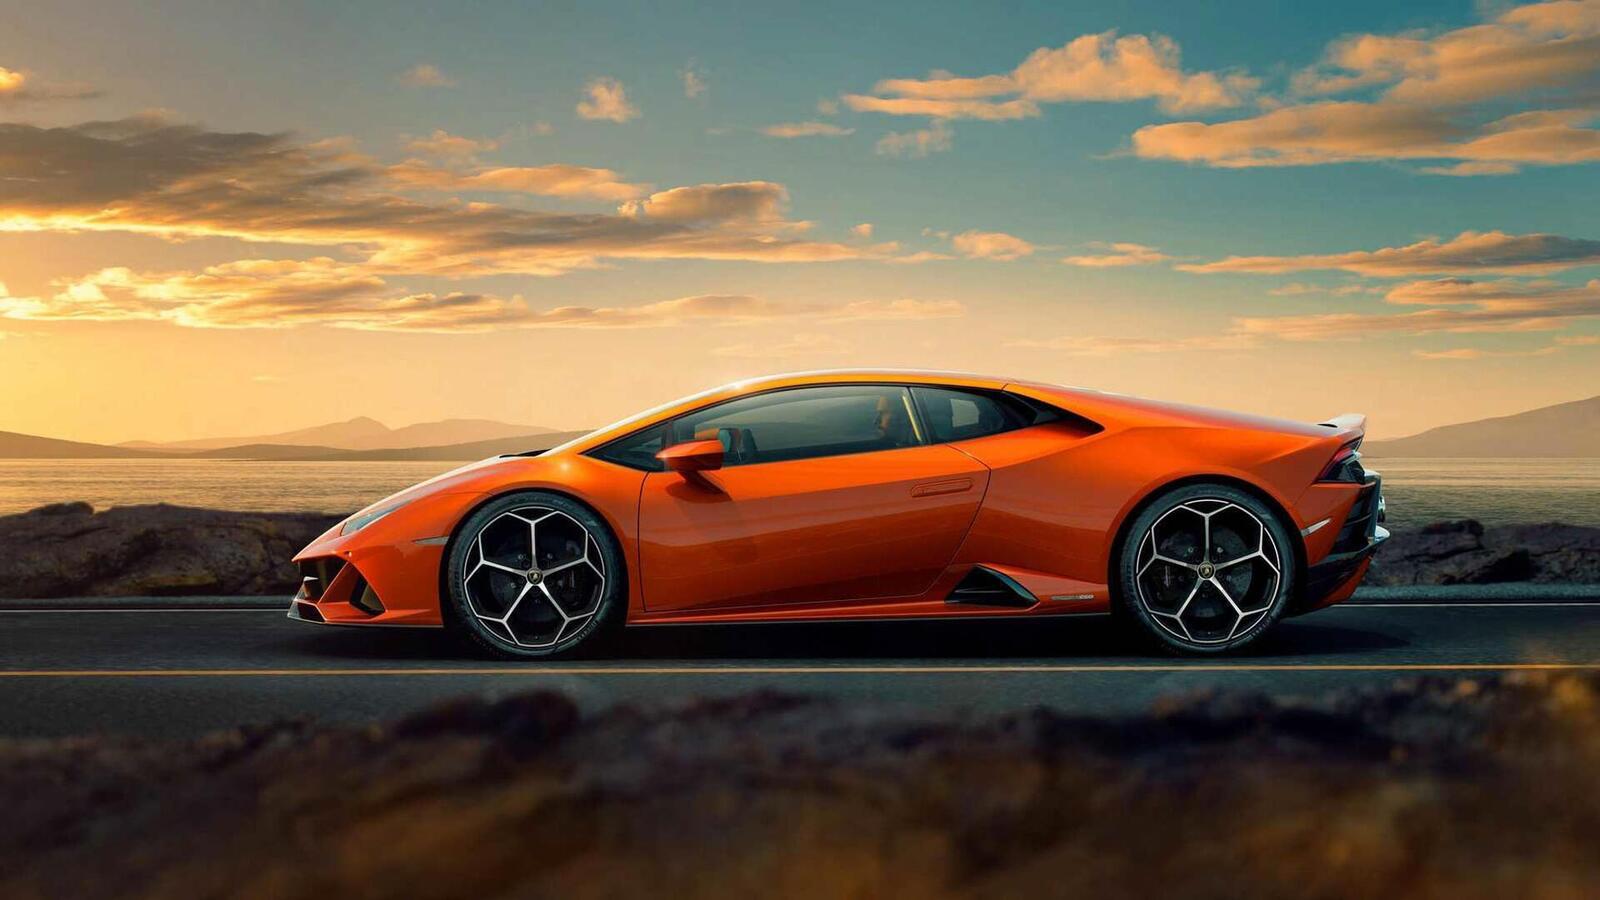 Lamborghini giới thiệu Huracan EVO mới với sức mạnh 640 mã lực - Hình 4